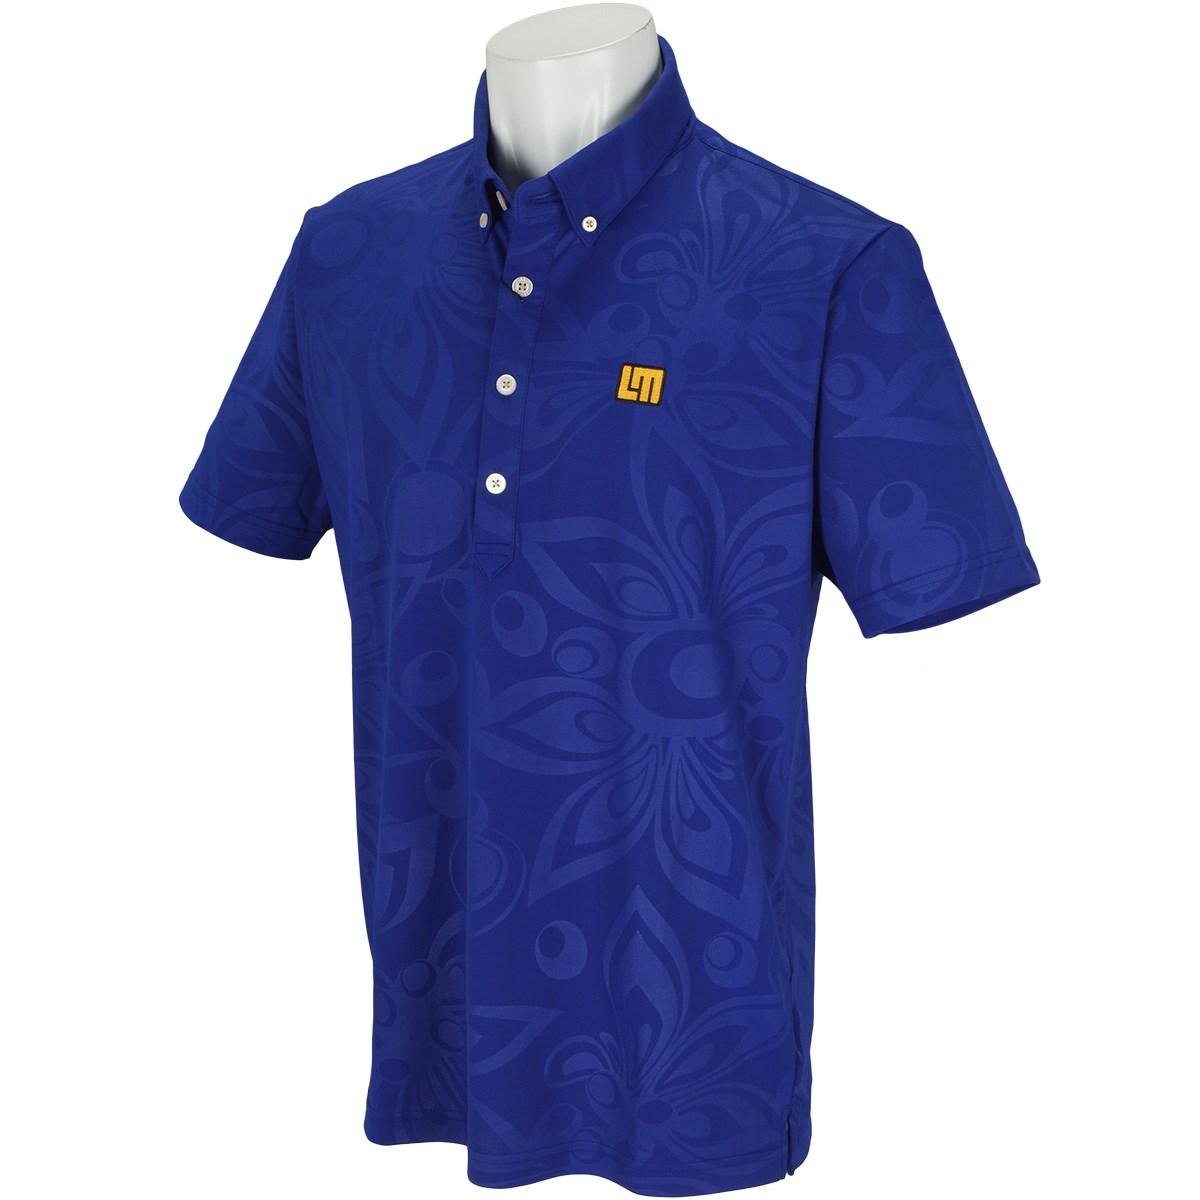 ラウドマウスゴルフ Loud Mouth Golf 半袖ポロシャツ L ブルー 995